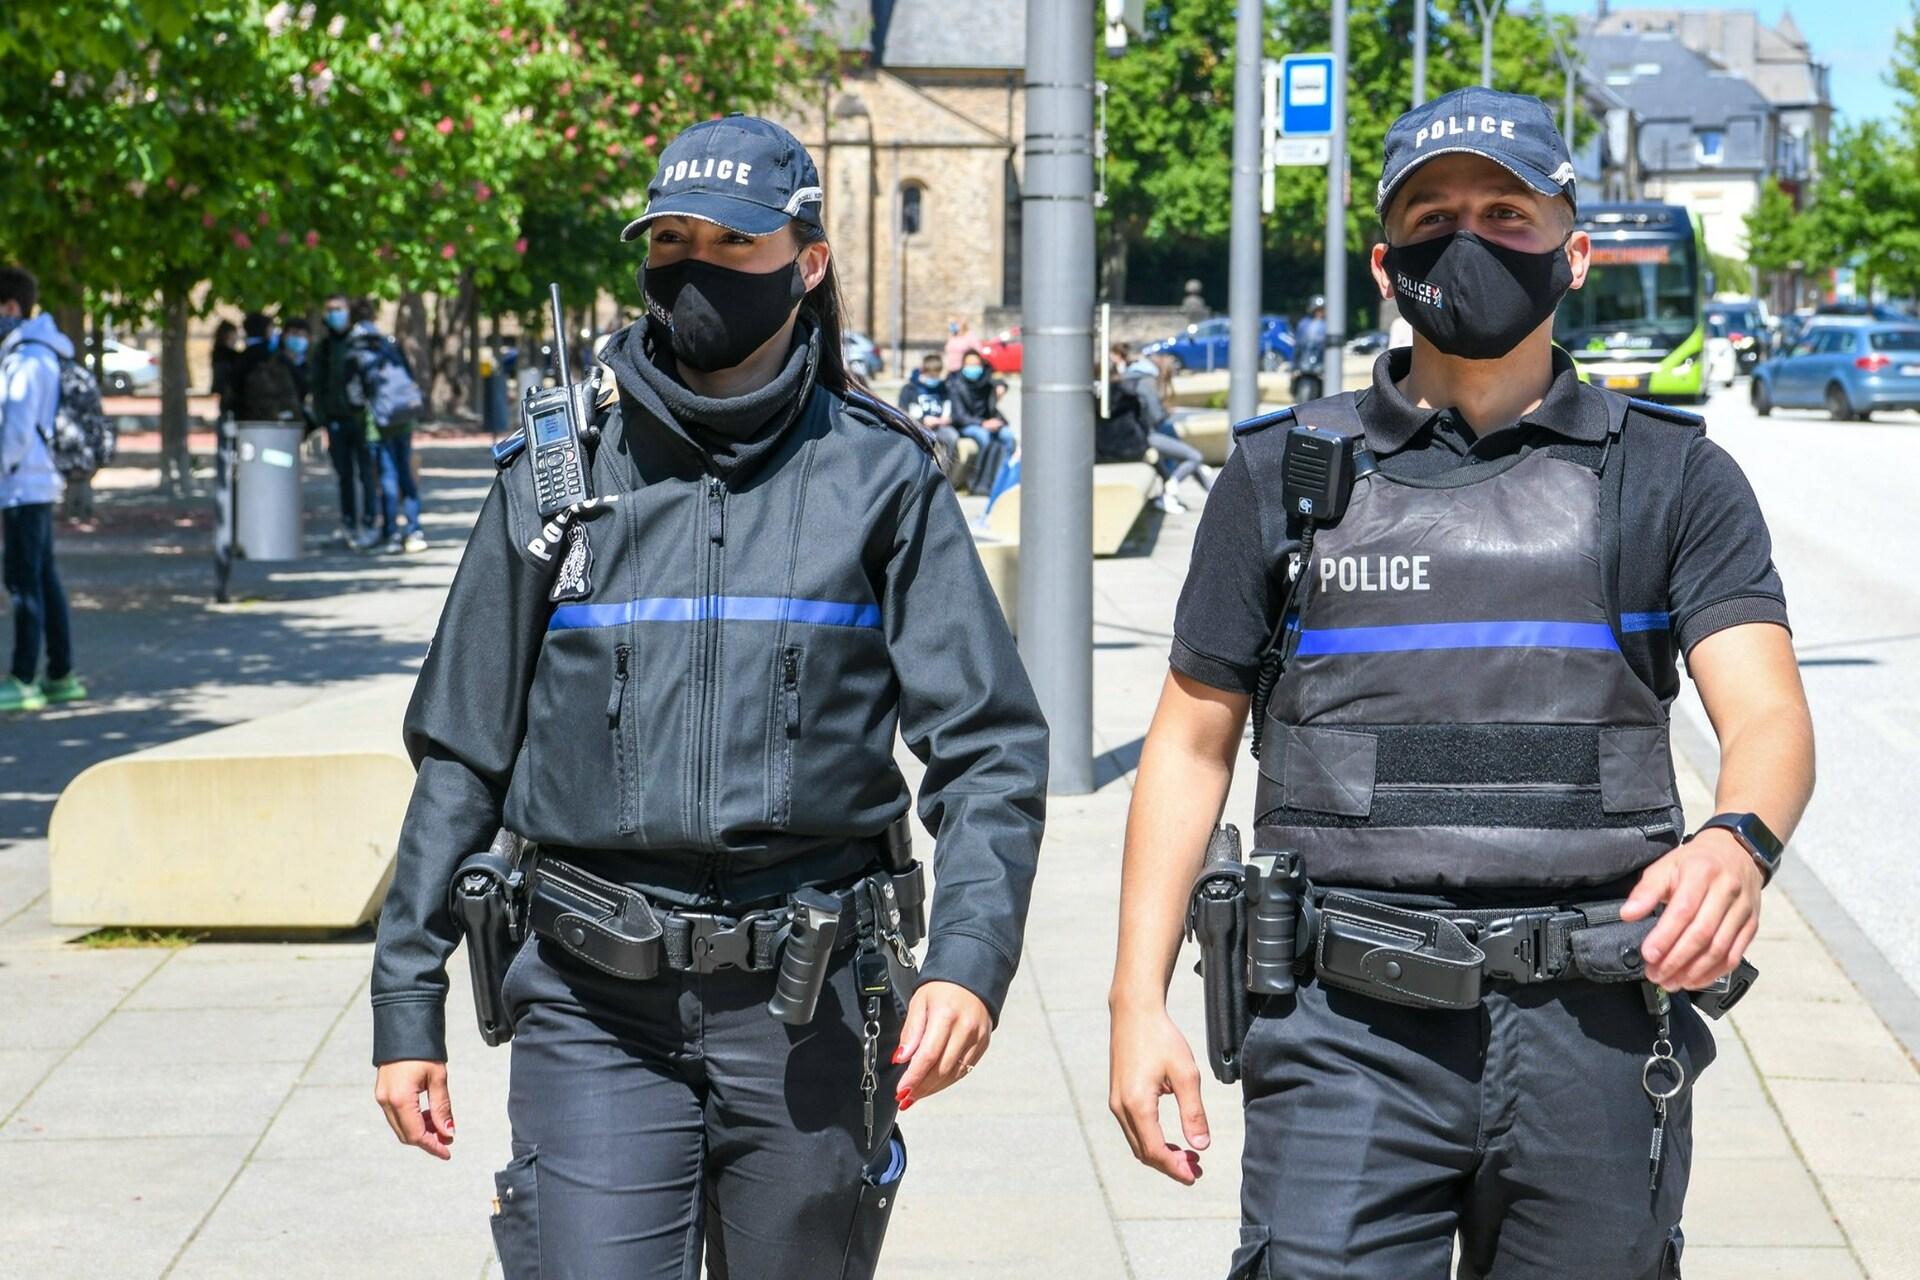 Luxembourg-Ville :Les auteurs présumés d'une tentative d'agression identifiés et arrêtés